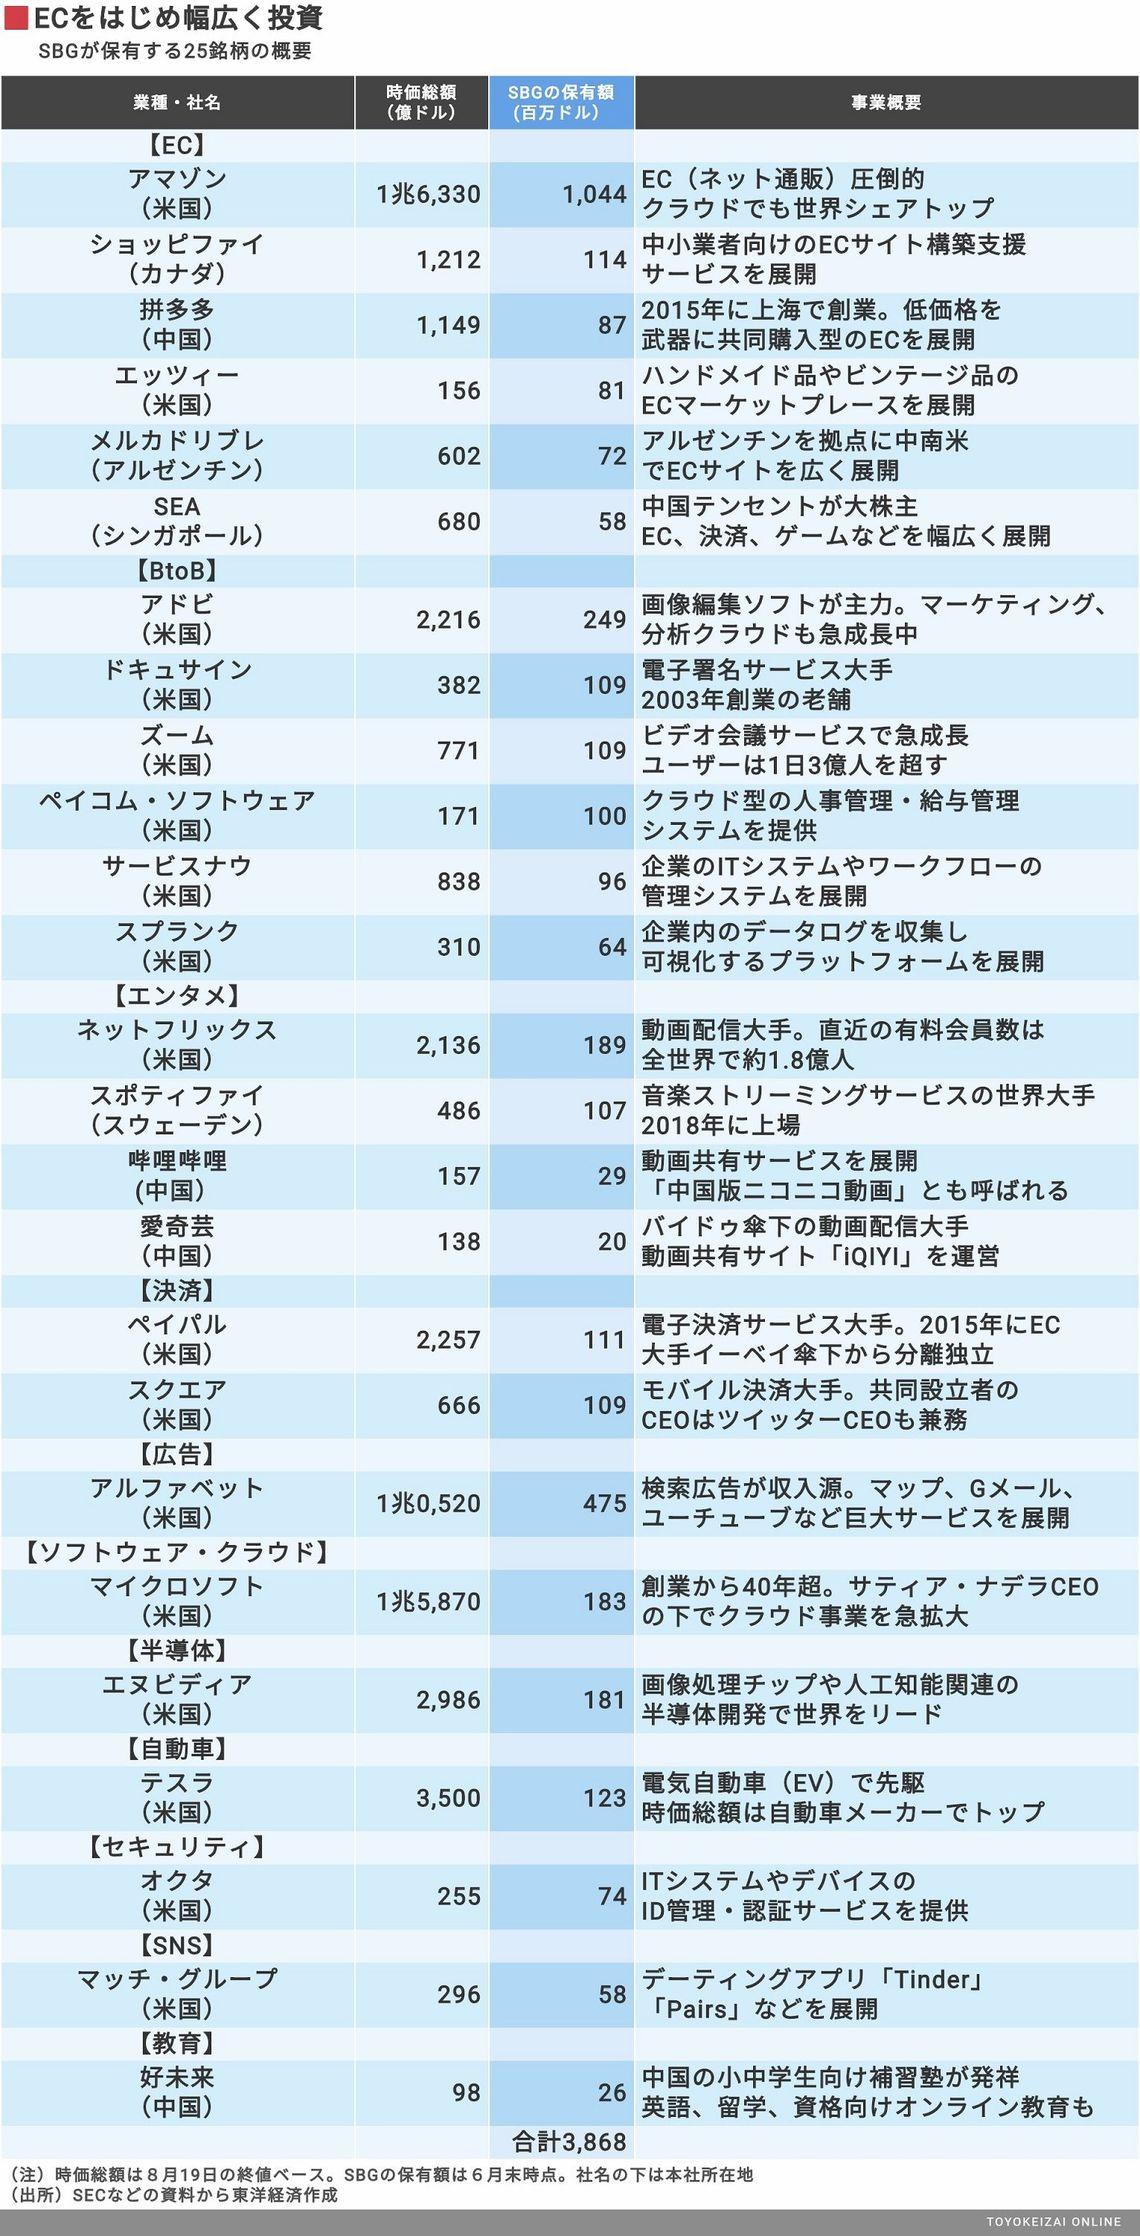 ソフトバンク グループ 株 ソフトバンクグループ(9984)の株価はどうしてこんなに安いのか?